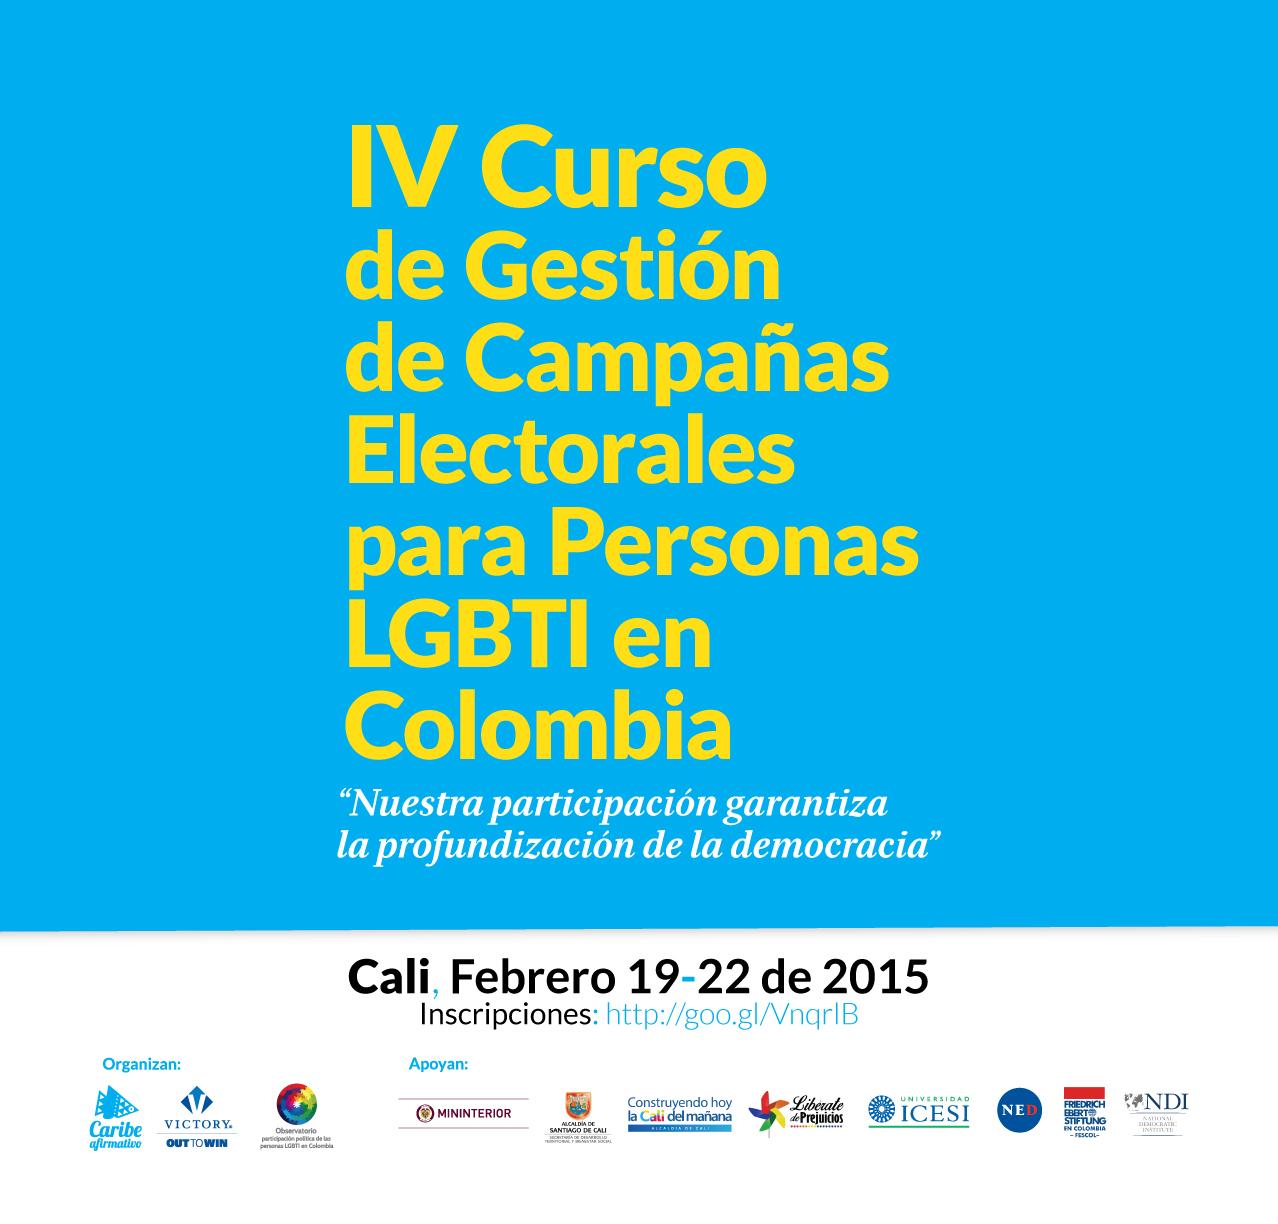 """IV Curso de Gestión de Campañas Electorakes para Personas LGBTI en Colombia - """"Nuestra participación garantiza la profundización de la democracia."""" - Cali, Febrero 19 - 22 de 2015 - Inscripciones: direccion@caribeafirmativo.lgbt"""